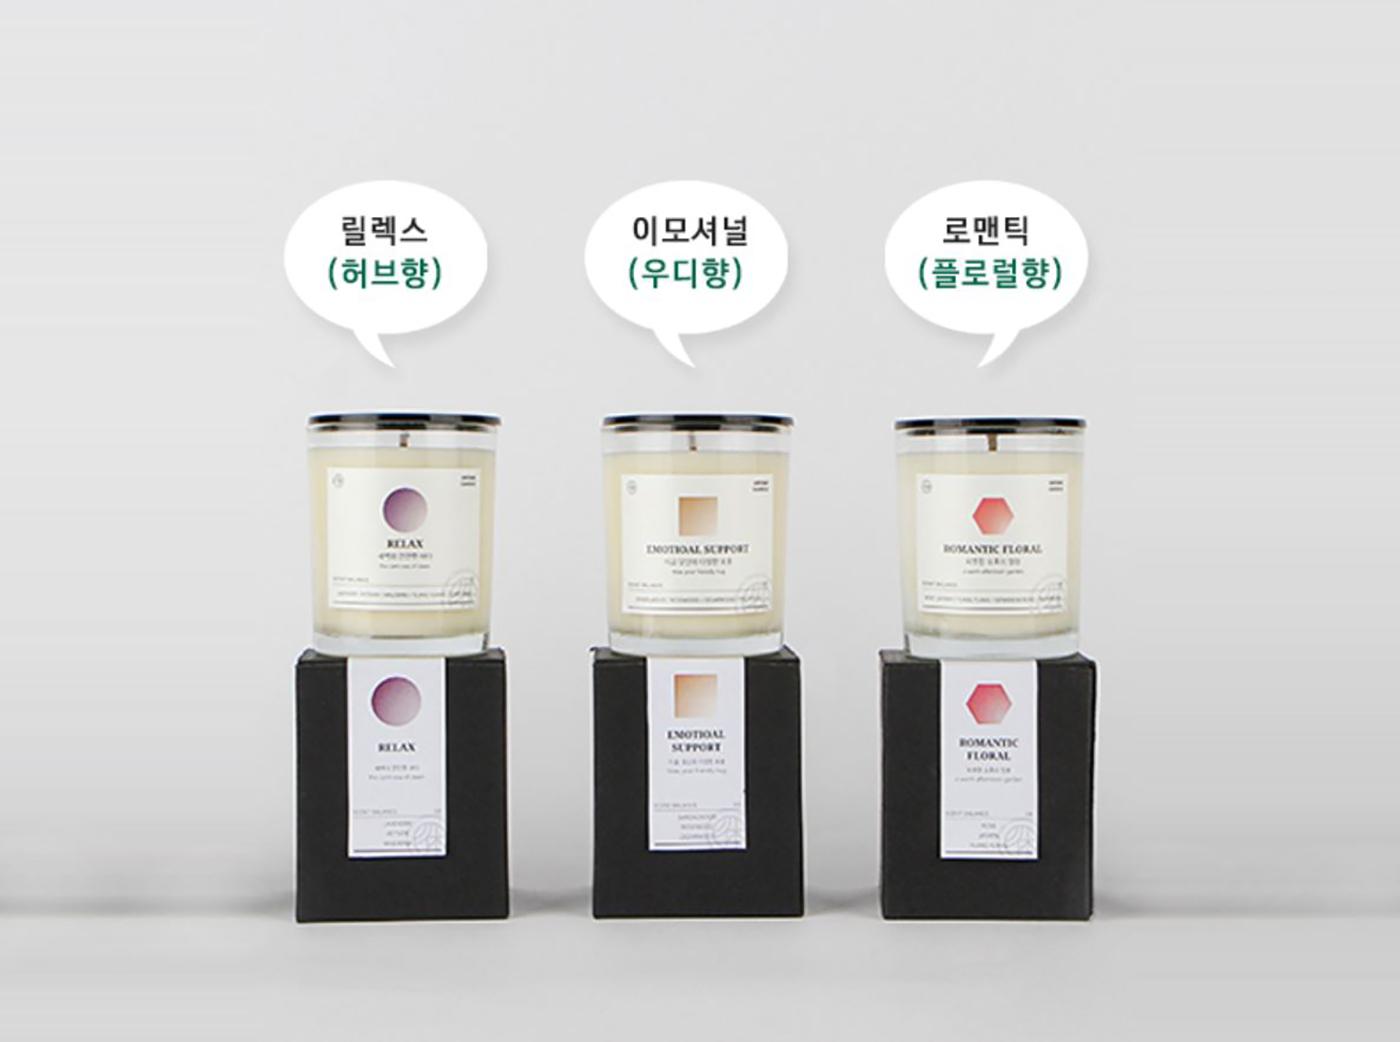 천연 아로마 소이캔들/천연 아로마 100% 사용, 소이캔들 상세이미지4